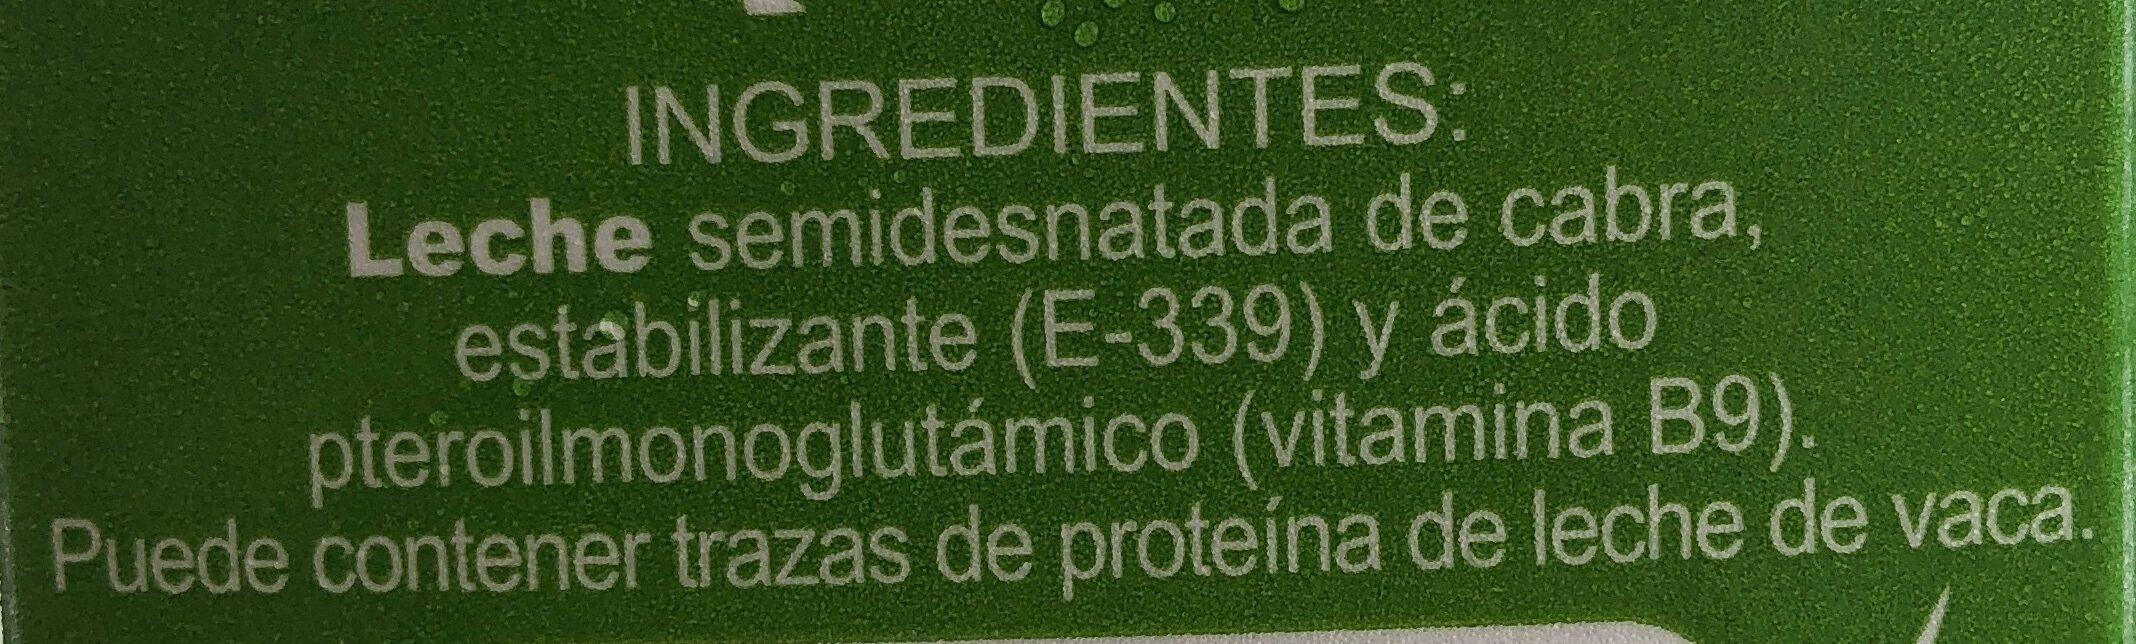 Leche de cabra - Ingredientes - es